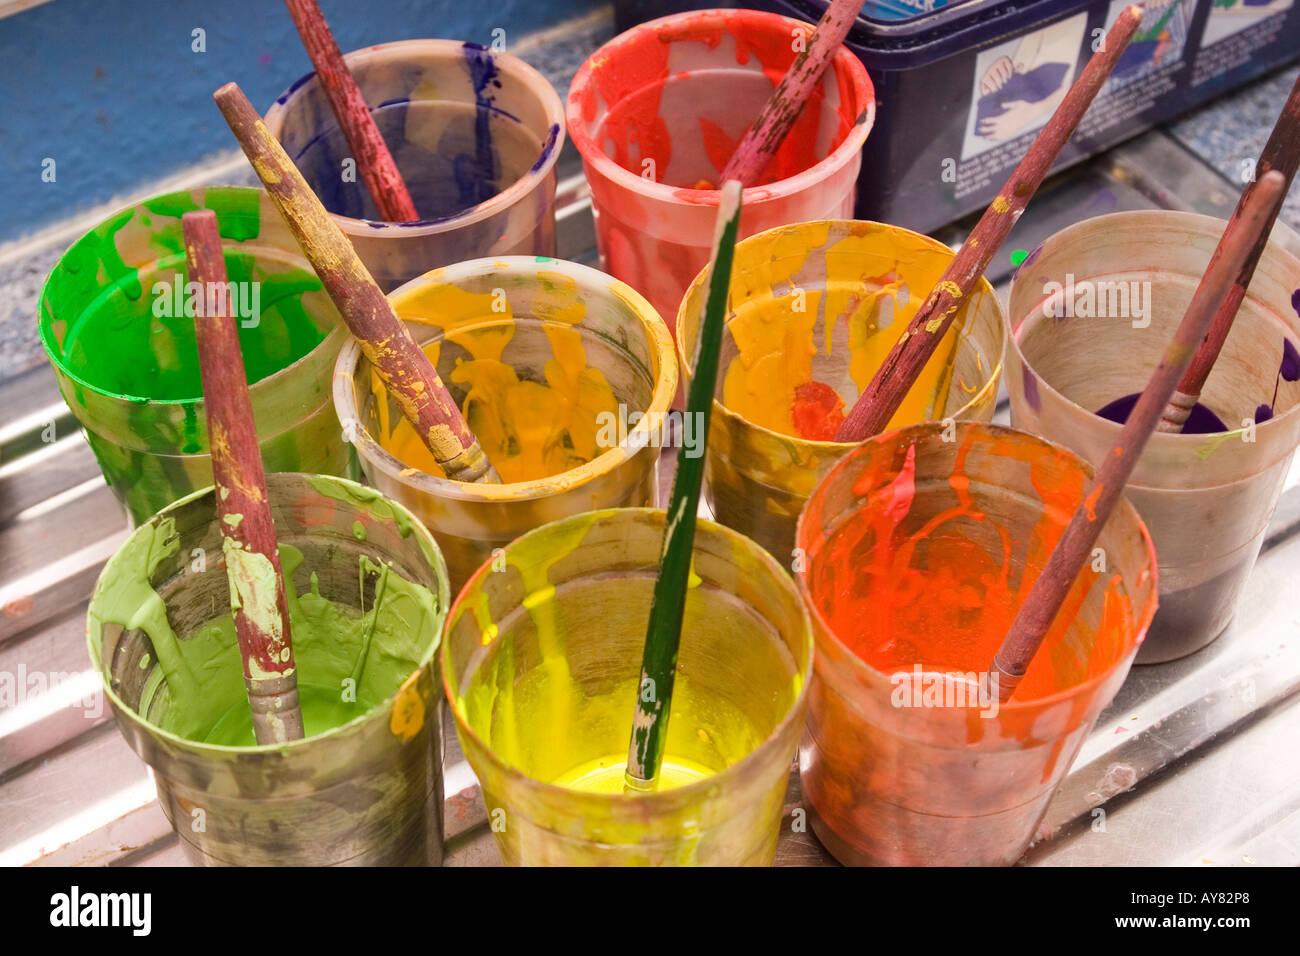 Lécole Maternelle Léducation Dans Des Pots De Peinture De Couleur